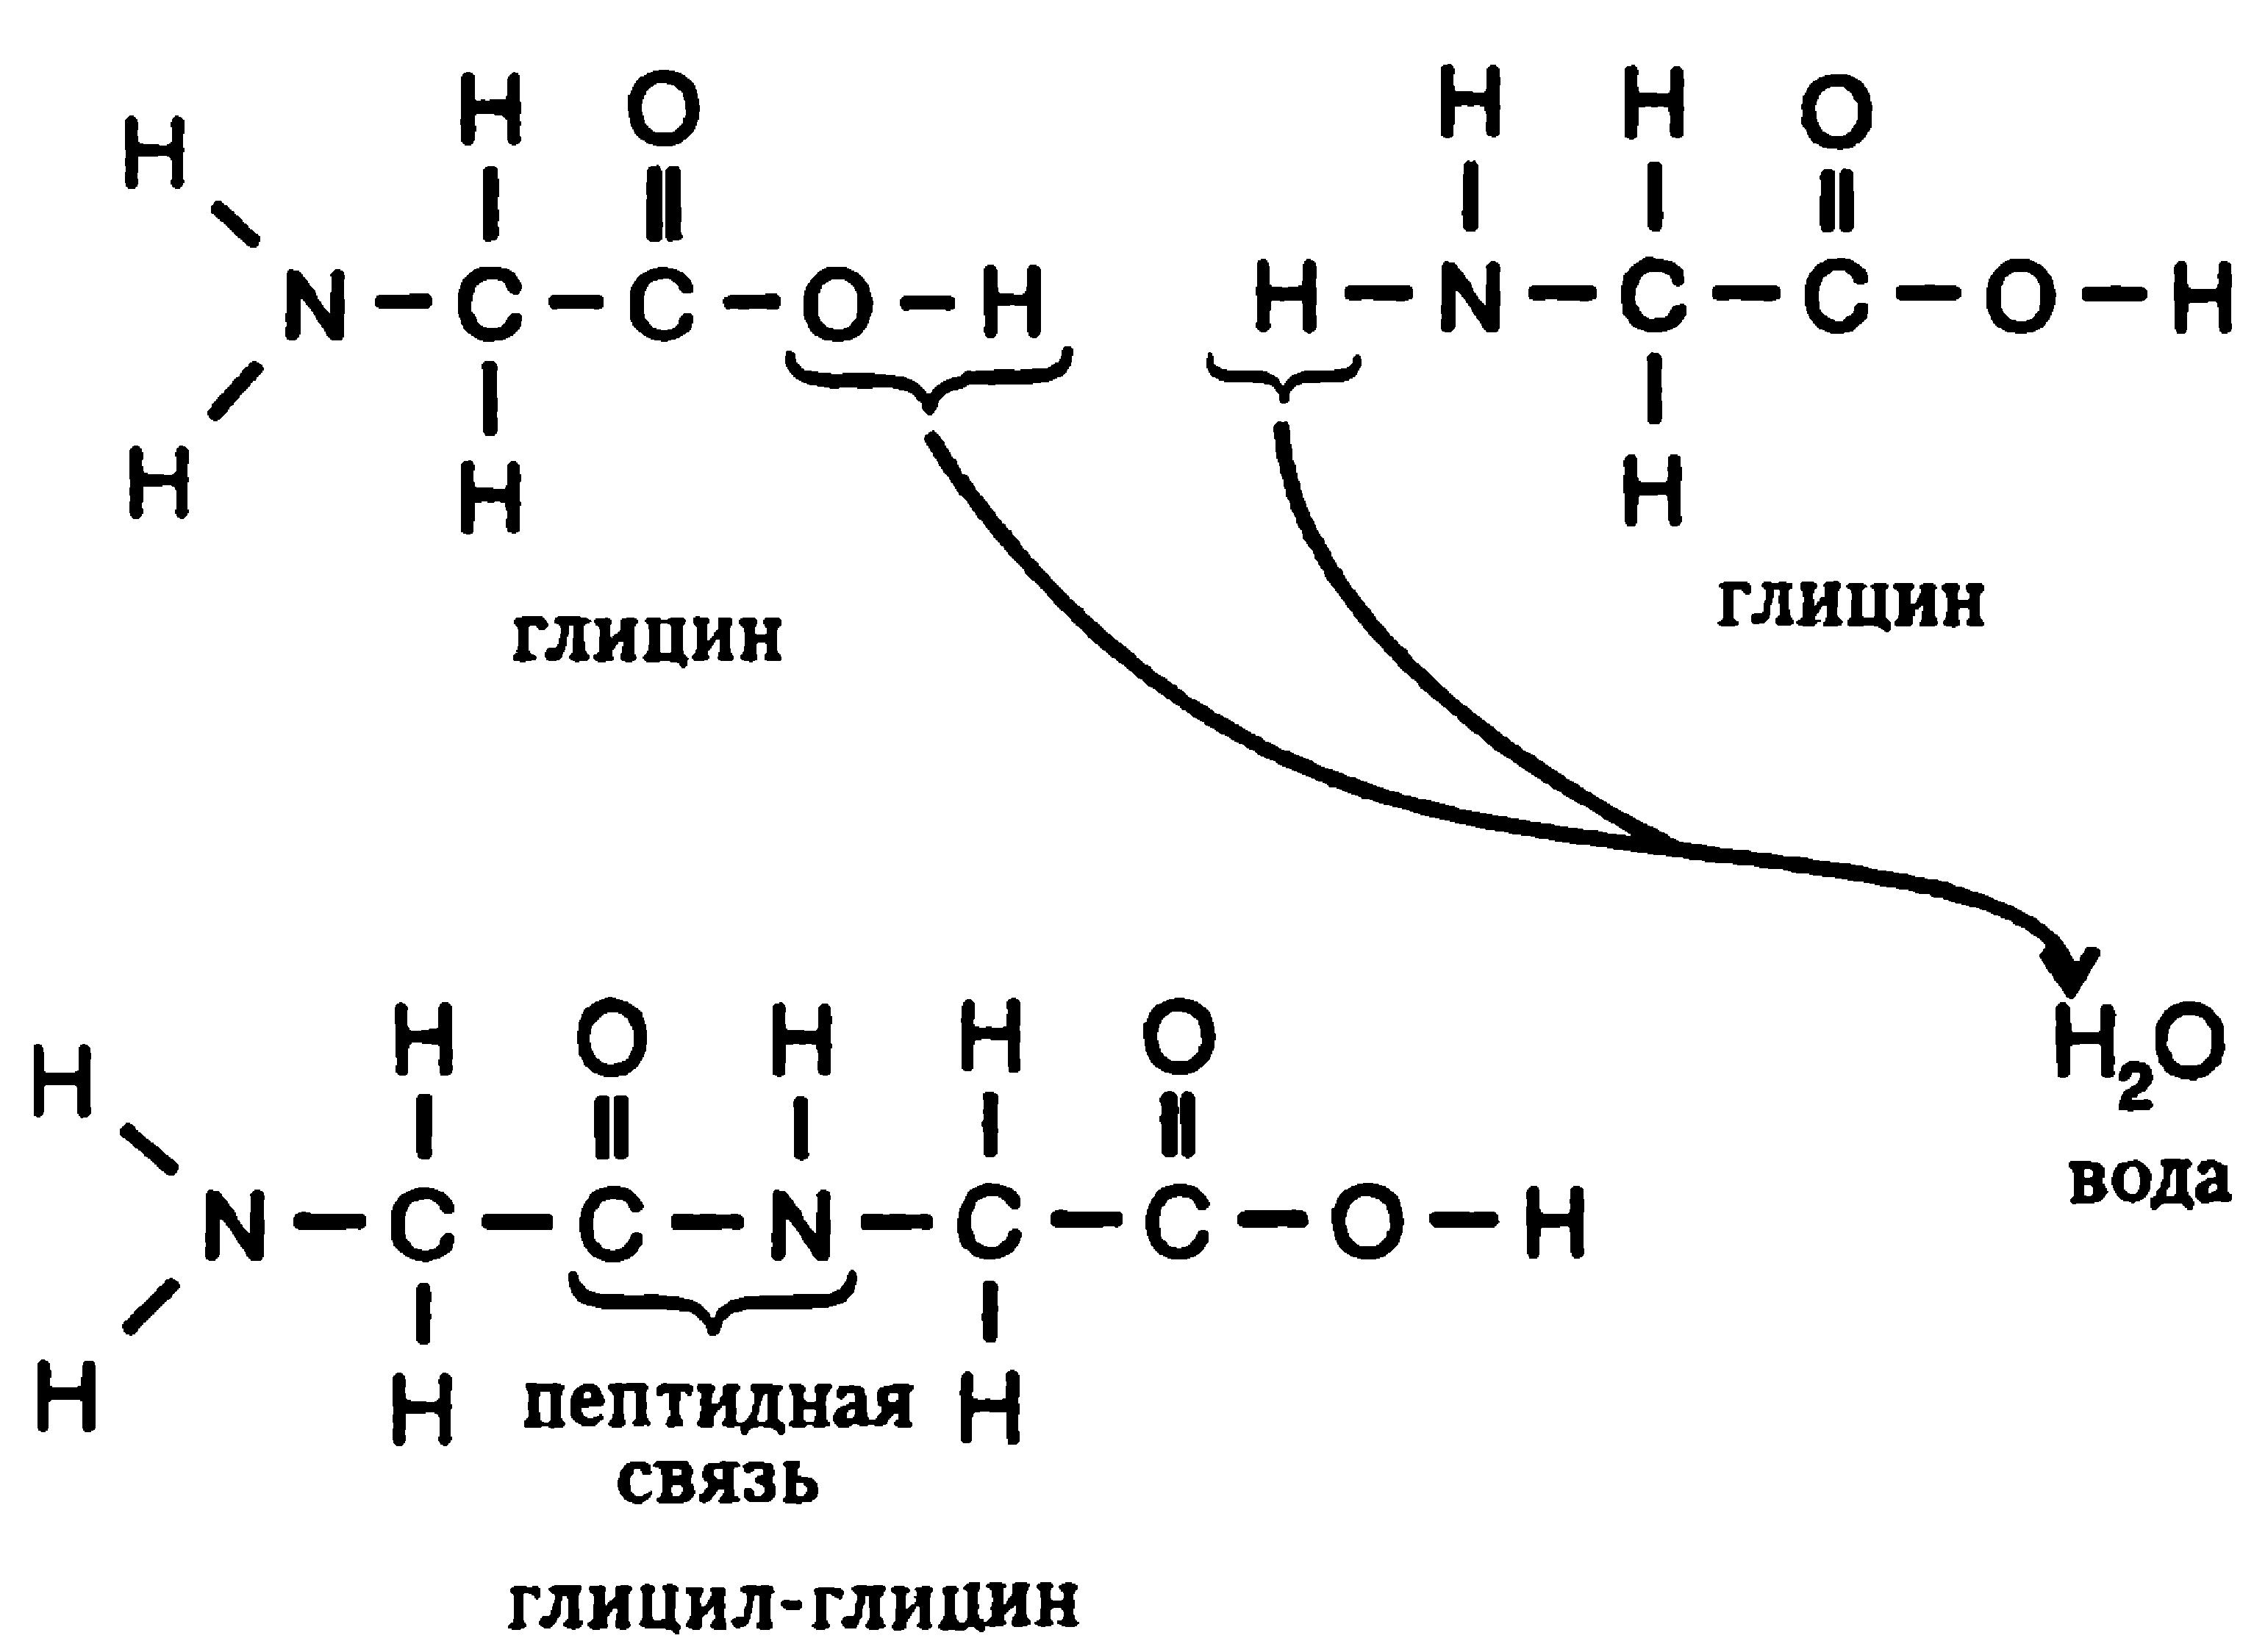 аминокислоты схема строения